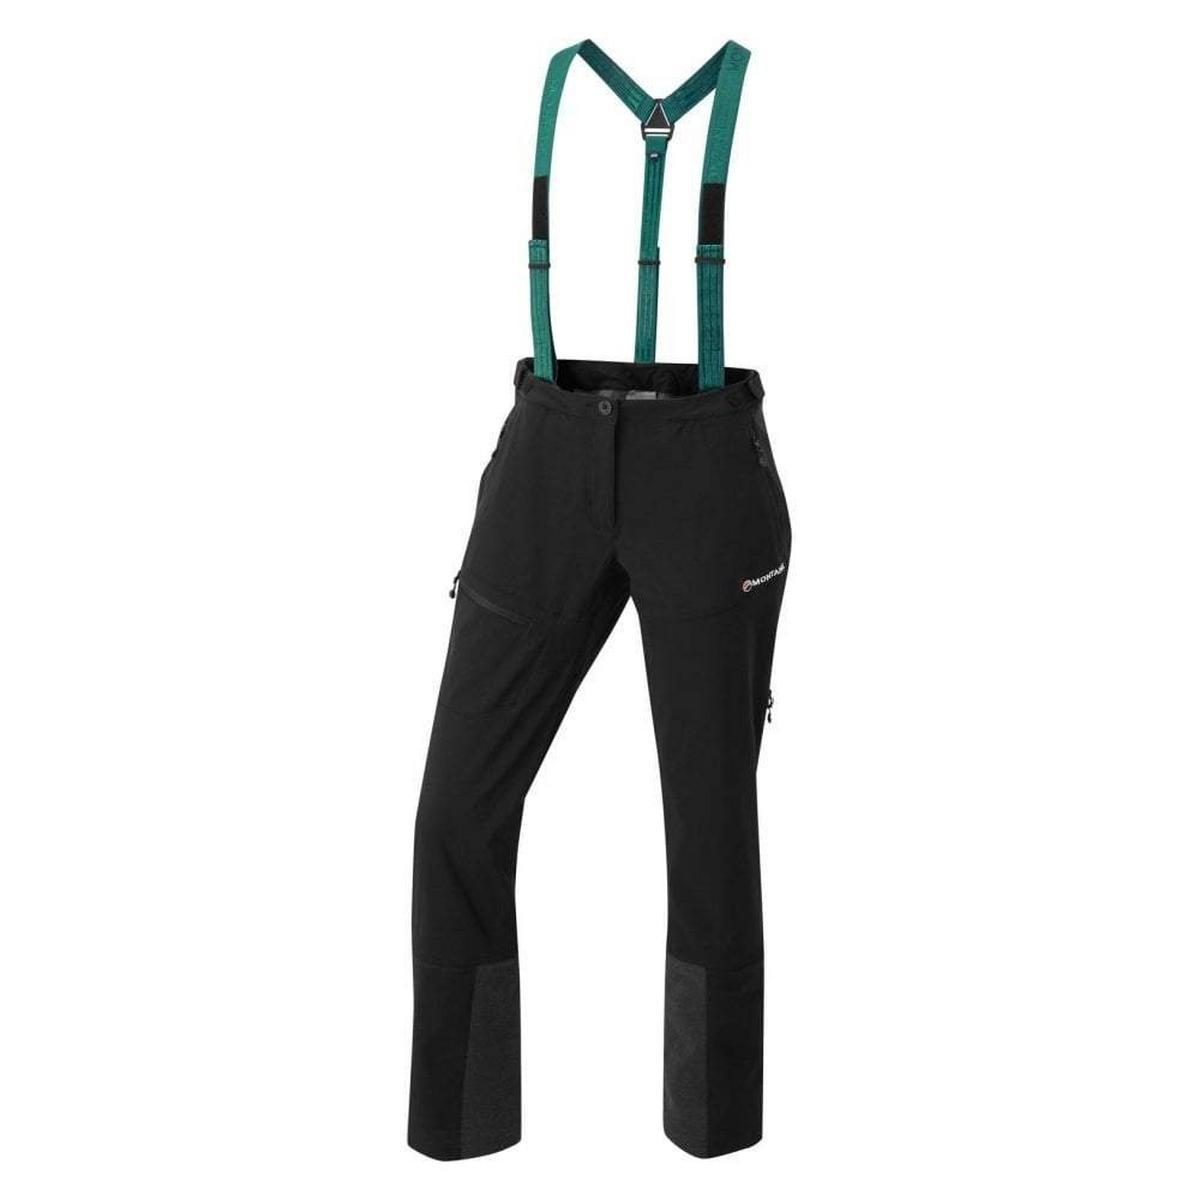 Montane Women's Montane Gradient Pant - Black